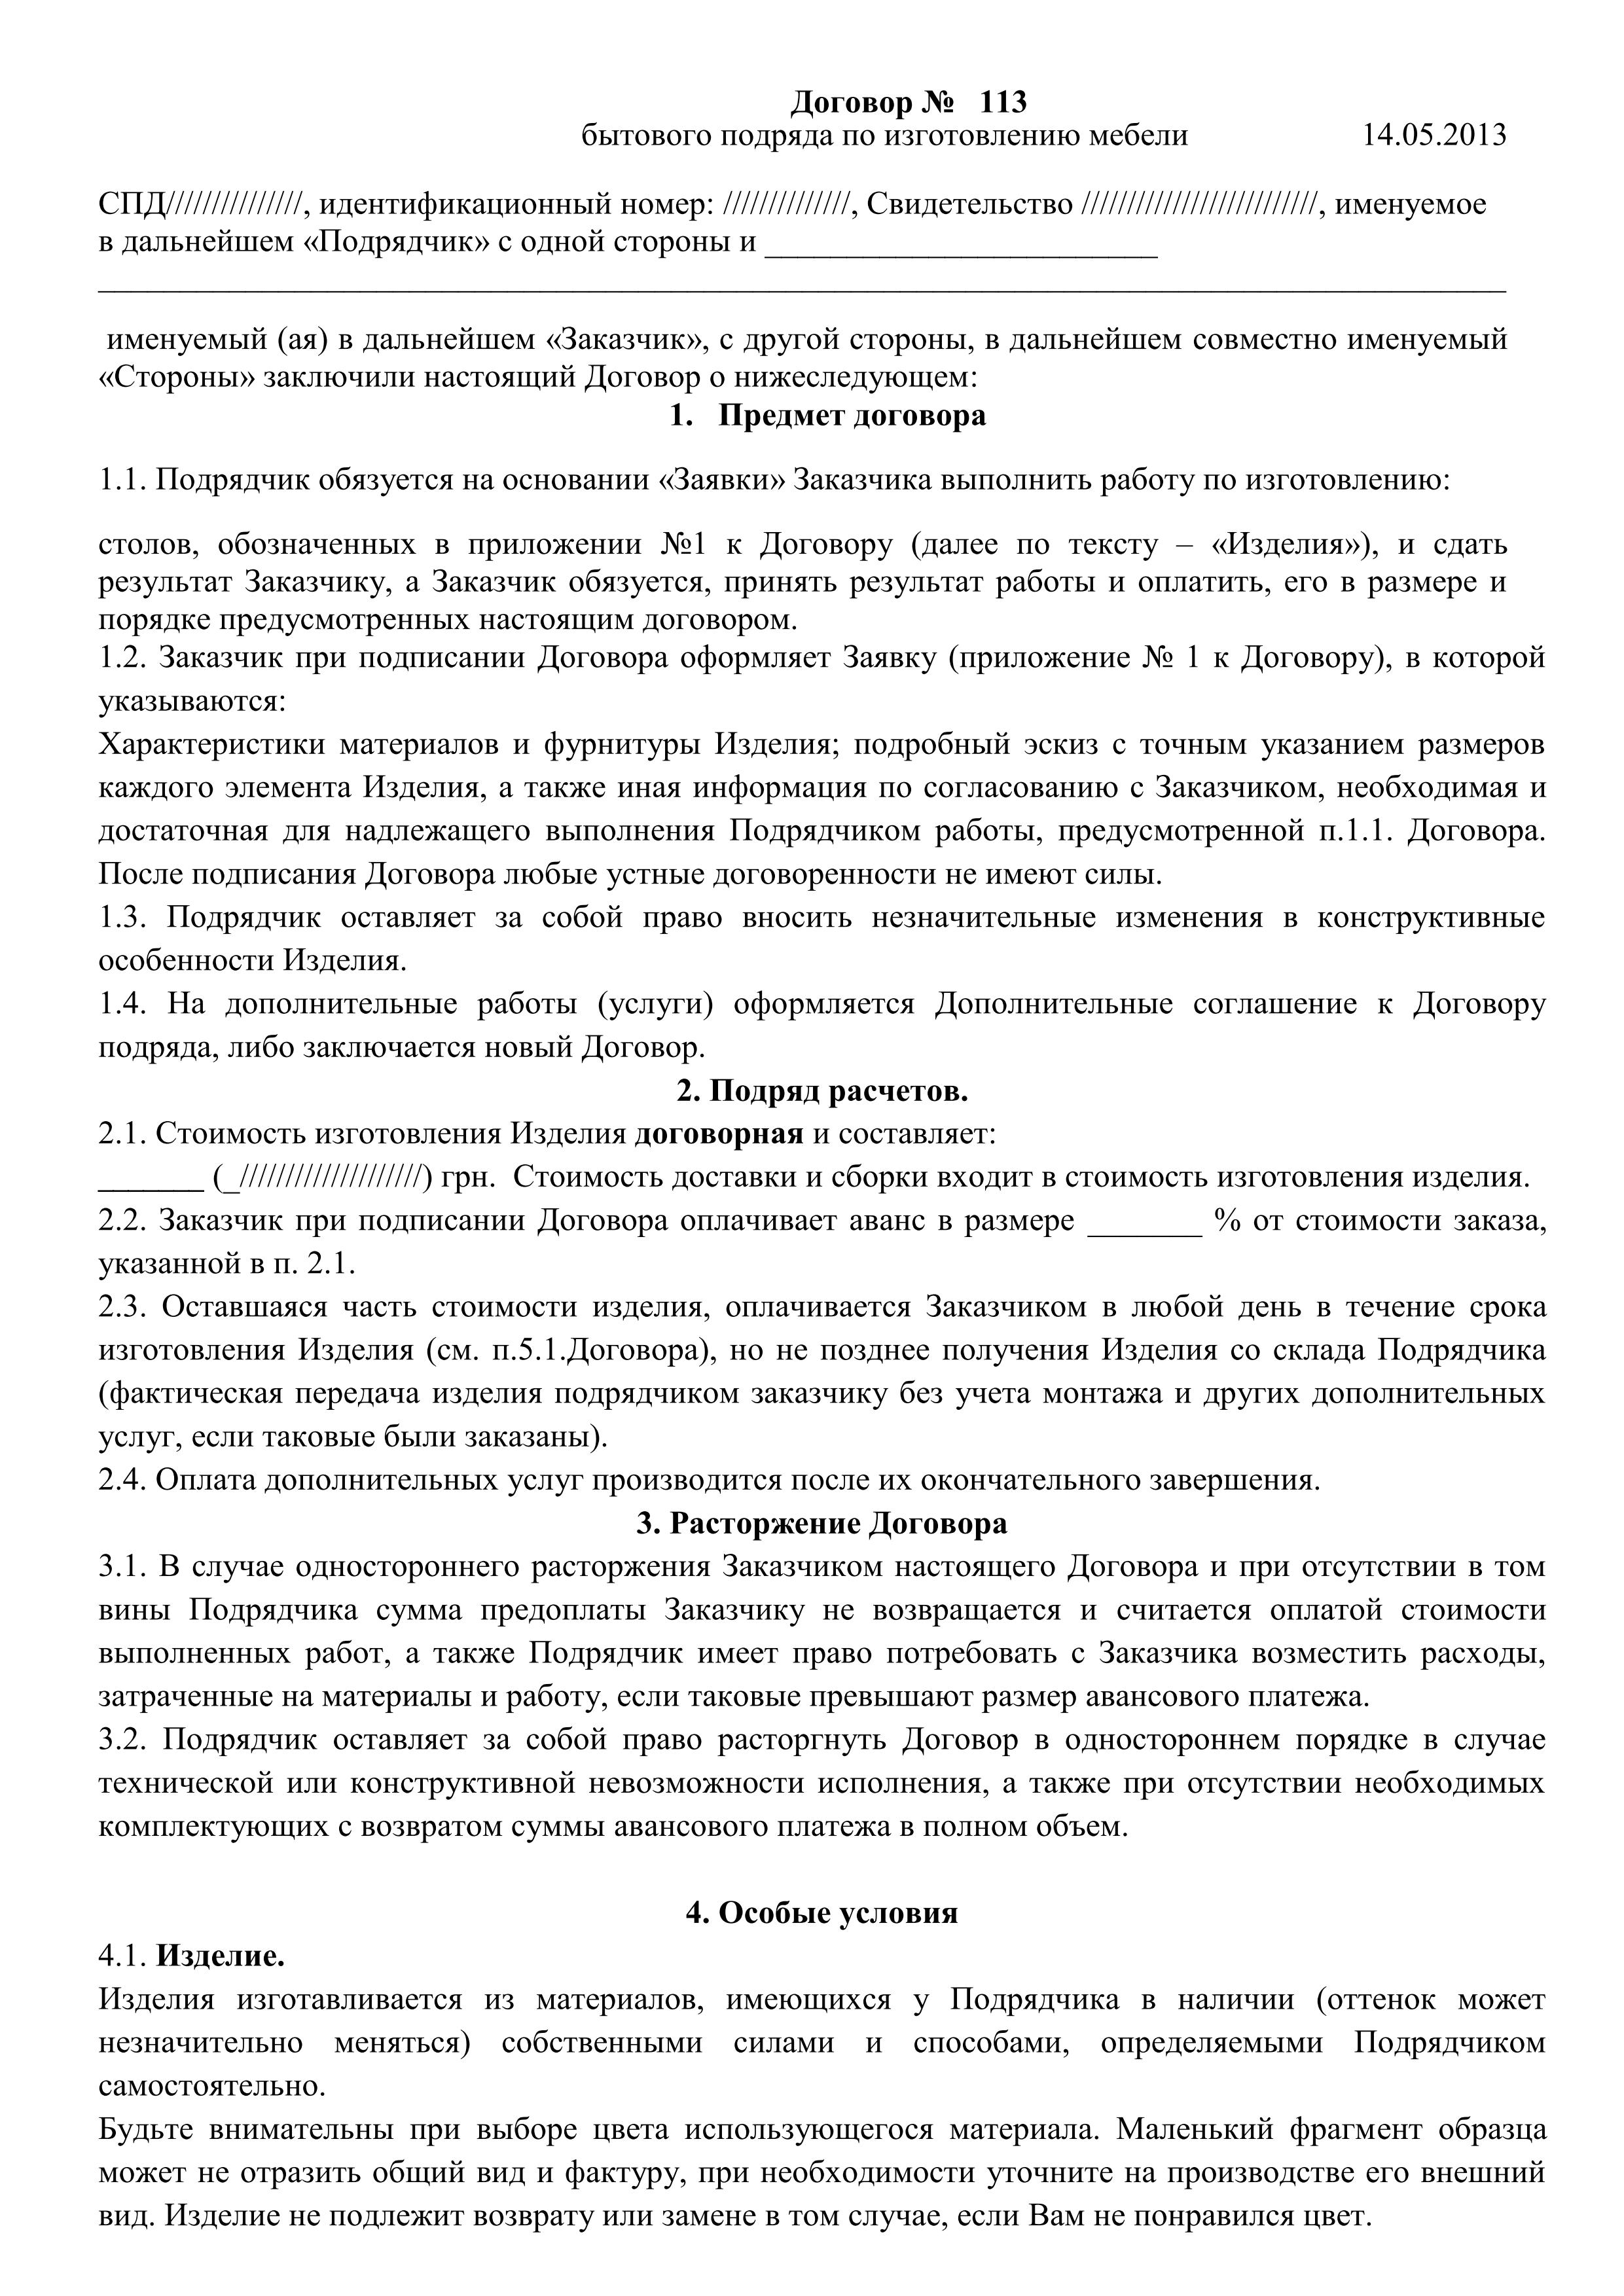 Украина может 90 суток без регистрации